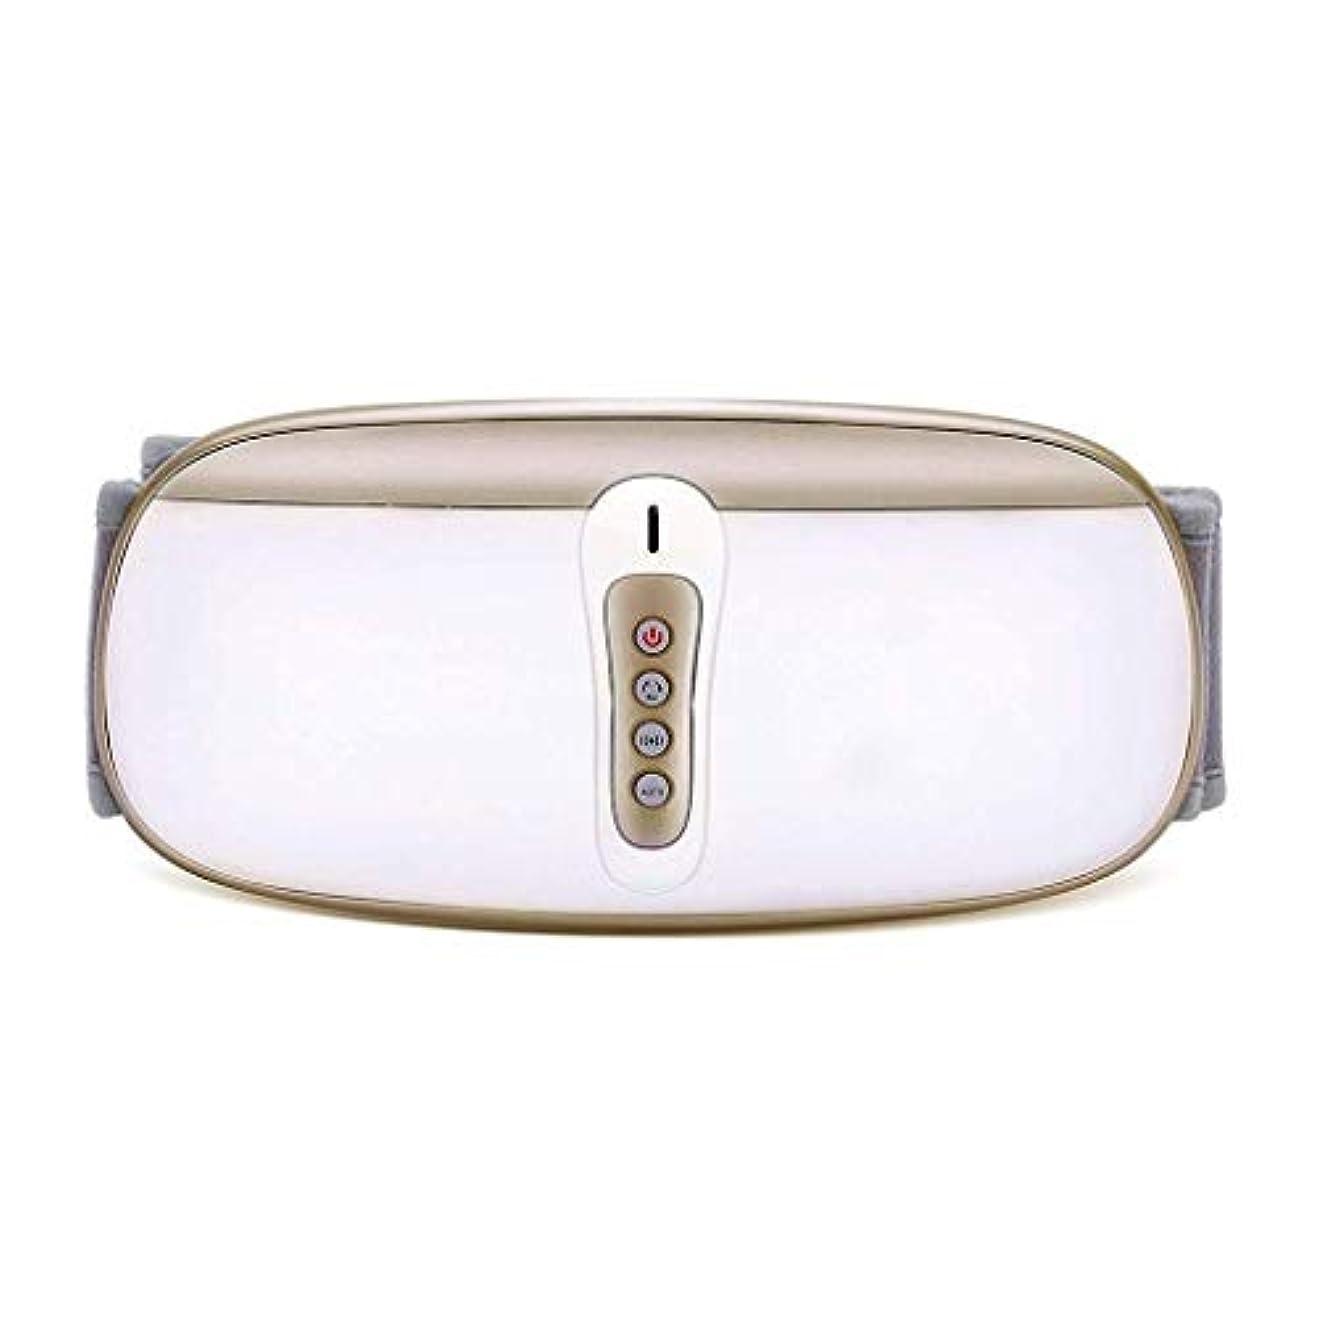 ネコ泣いている伸ばすウエストマッサージャー、電気Slim身ベルト、振動マッサージベルト、余分な脂肪を減らす (Color : ゴールド)